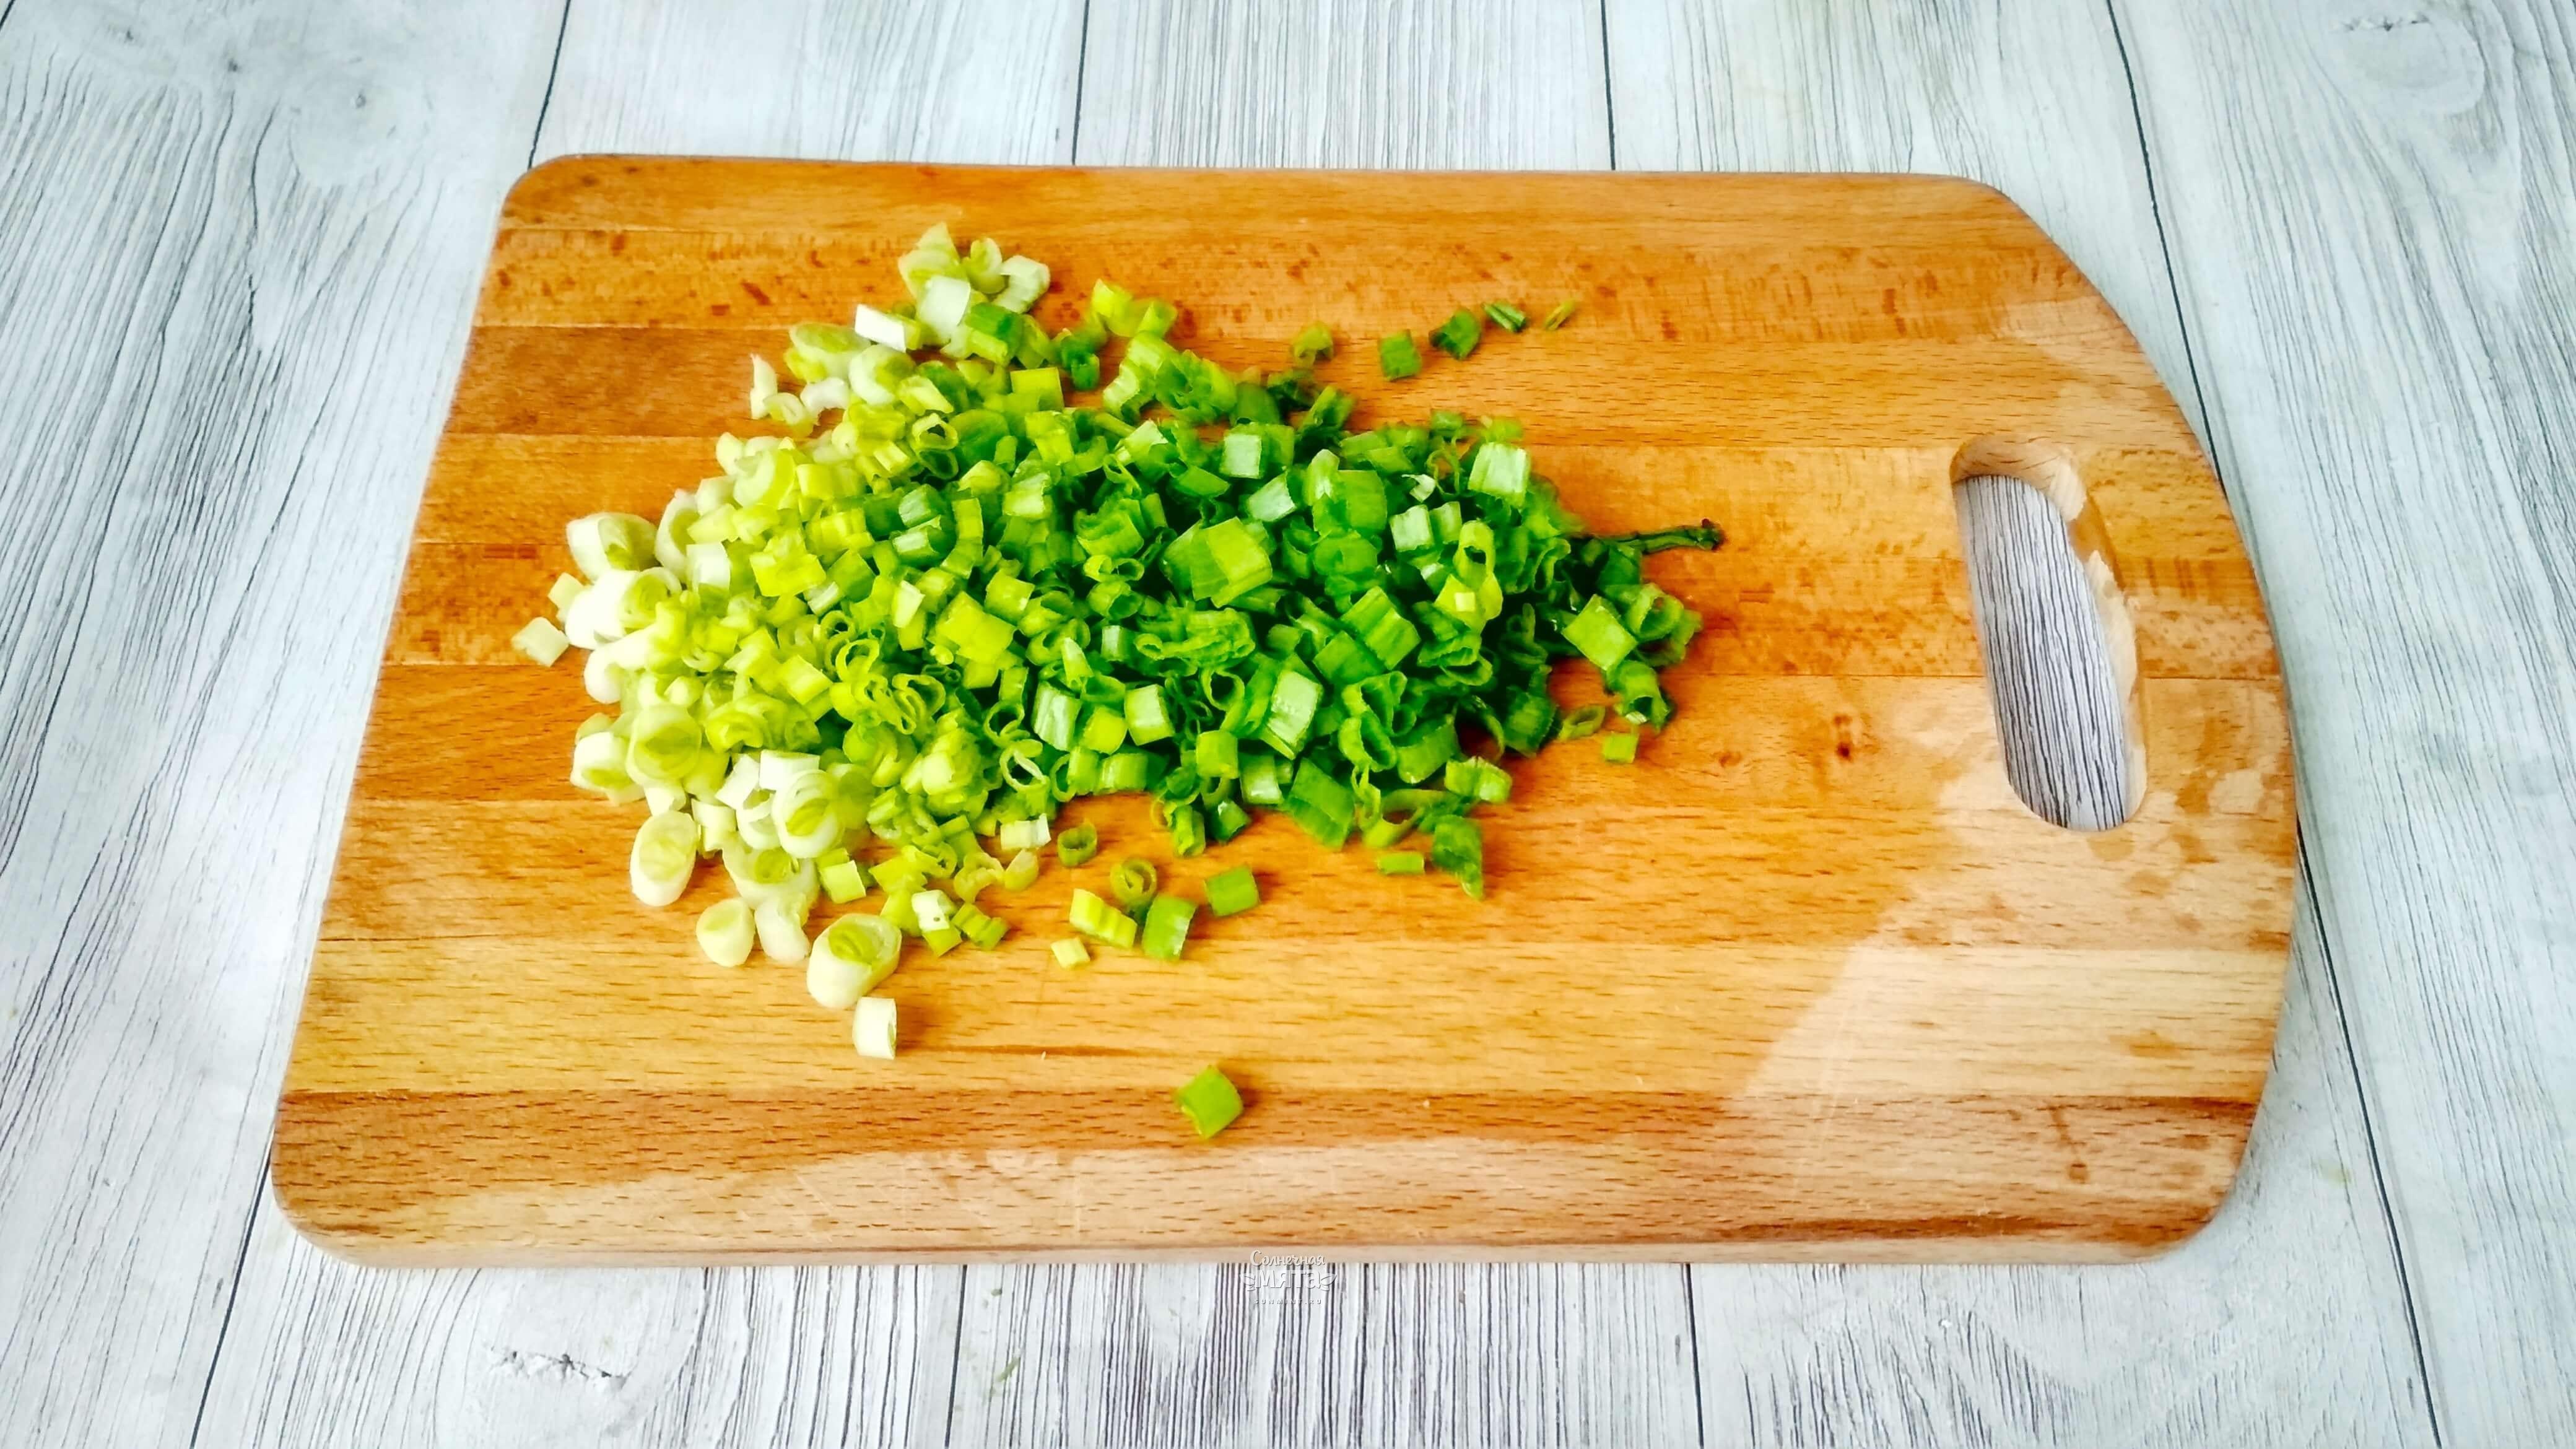 Оливье сыроедческое - Шаг 6-1